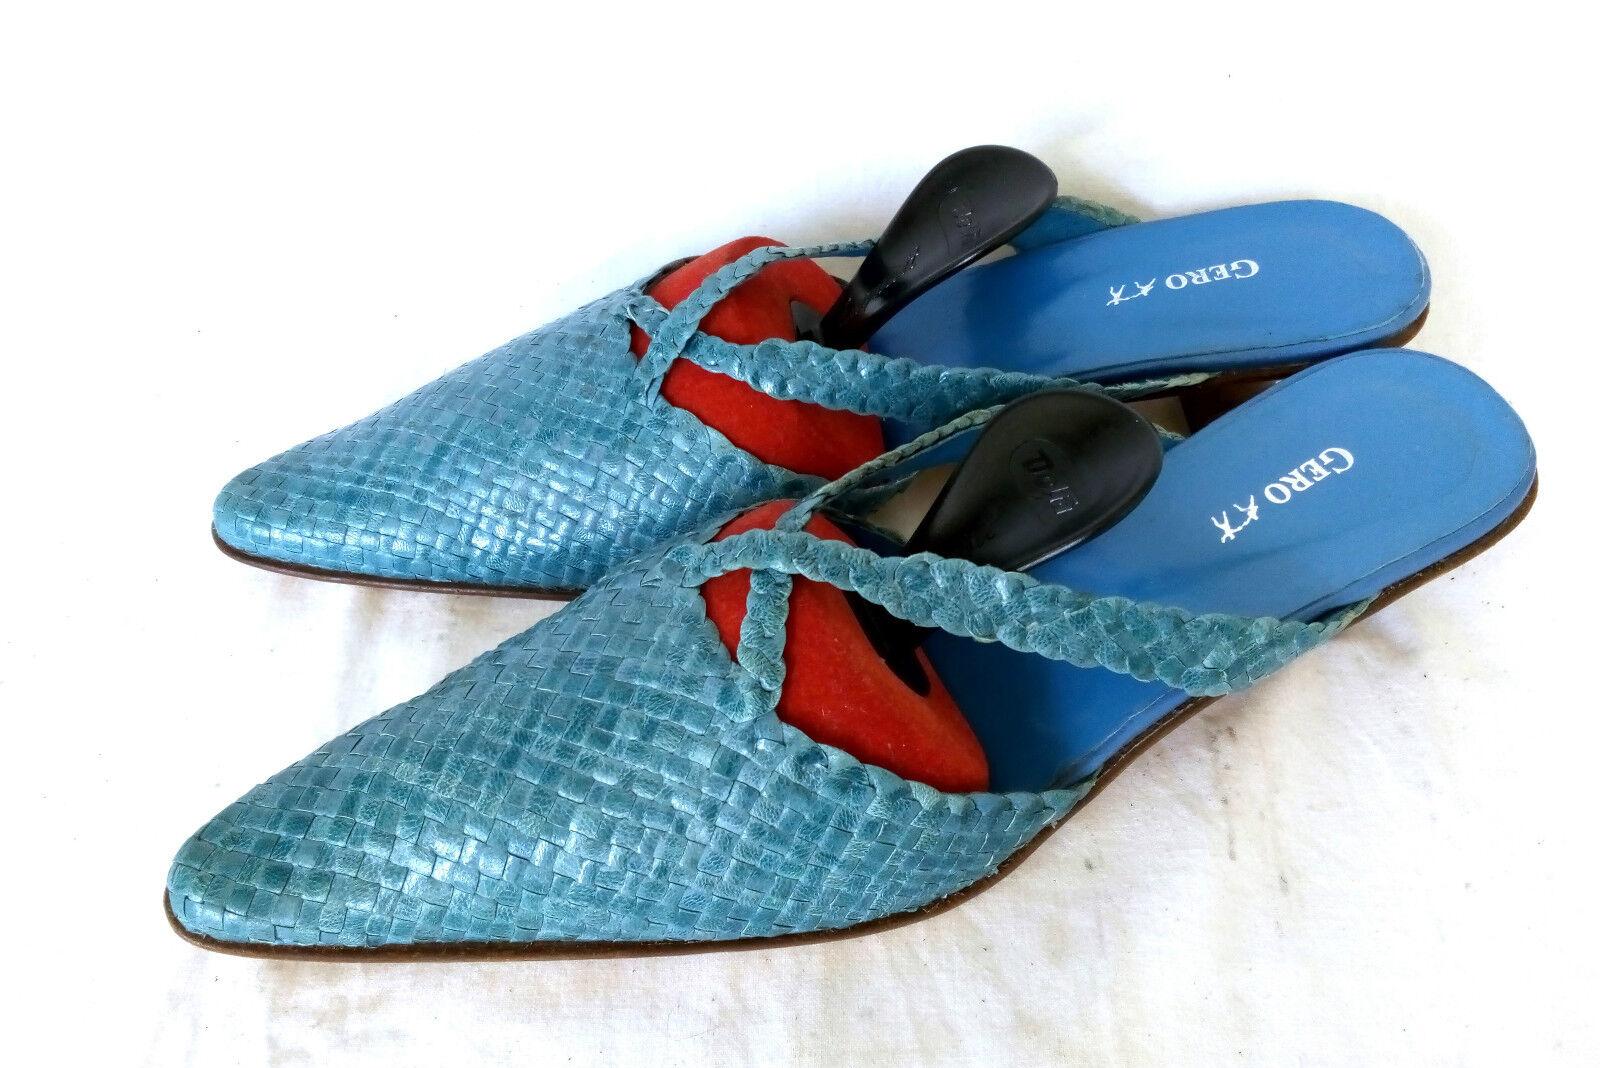 Gero Geflochtene Leder Sommer Pantoletten Damenschuhe Blau Gr. 39 39,5 NEUWERTIG